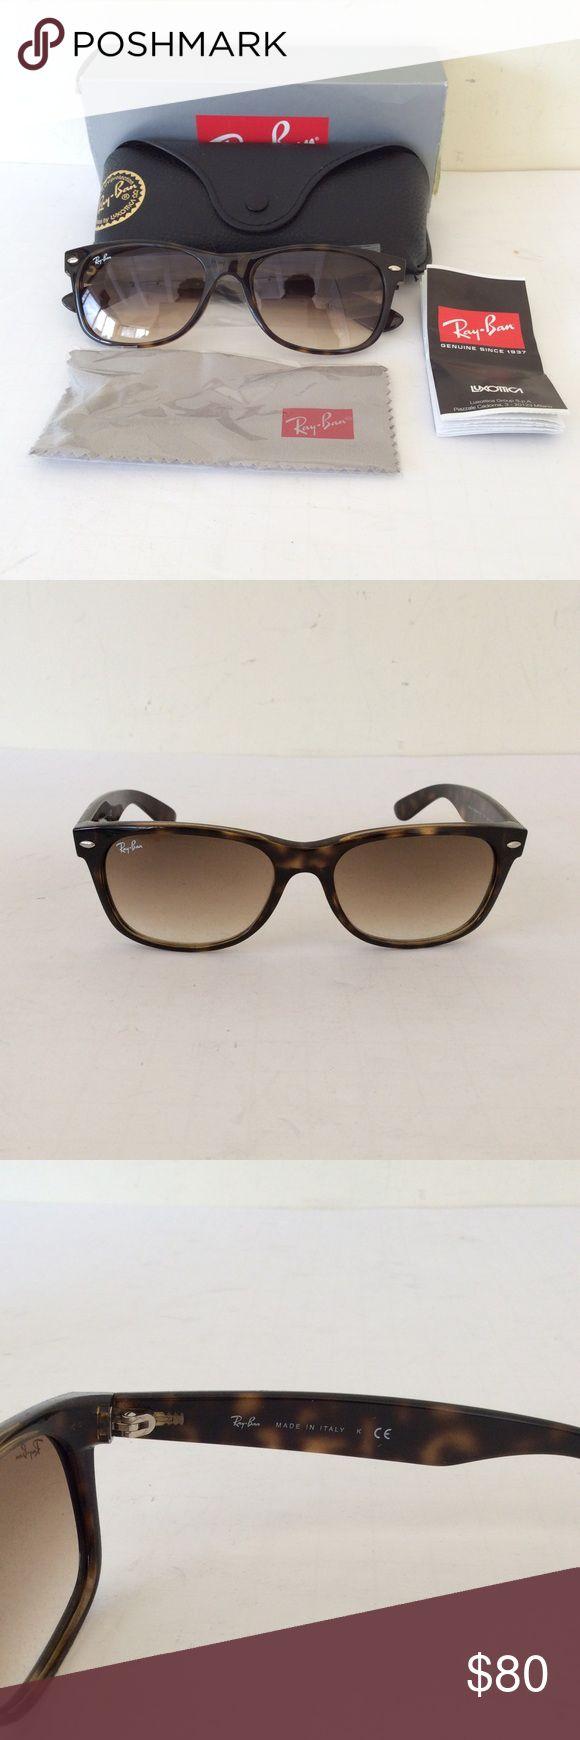 RB 2132 New Wayfarer Ray Ban Sunglasses RB 2132 New Wayfarer Ray Ban Sunglasses Ray-Ban Accessories Sunglasses